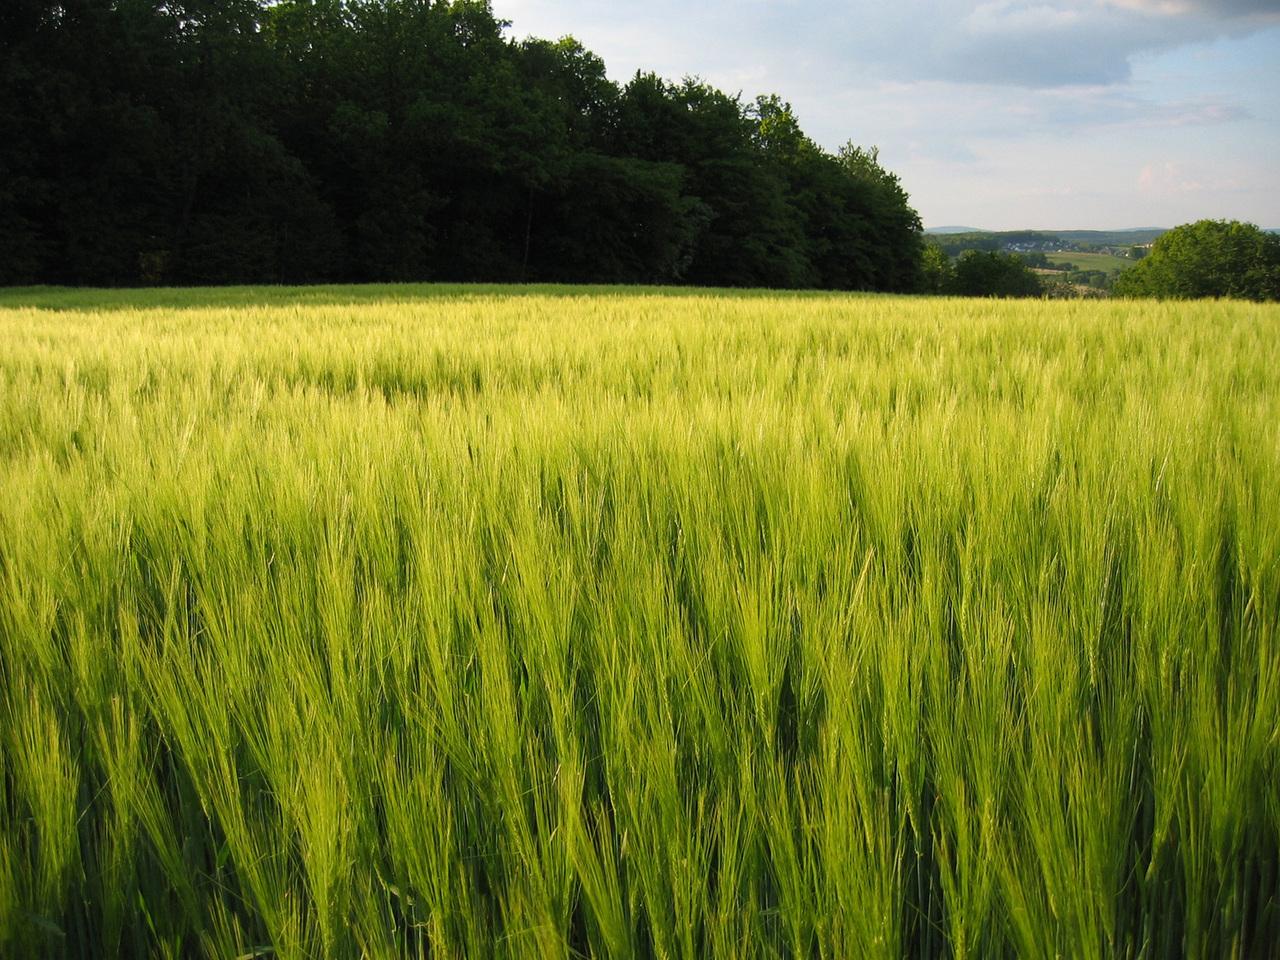 zielony jęczmień - longverti.pl